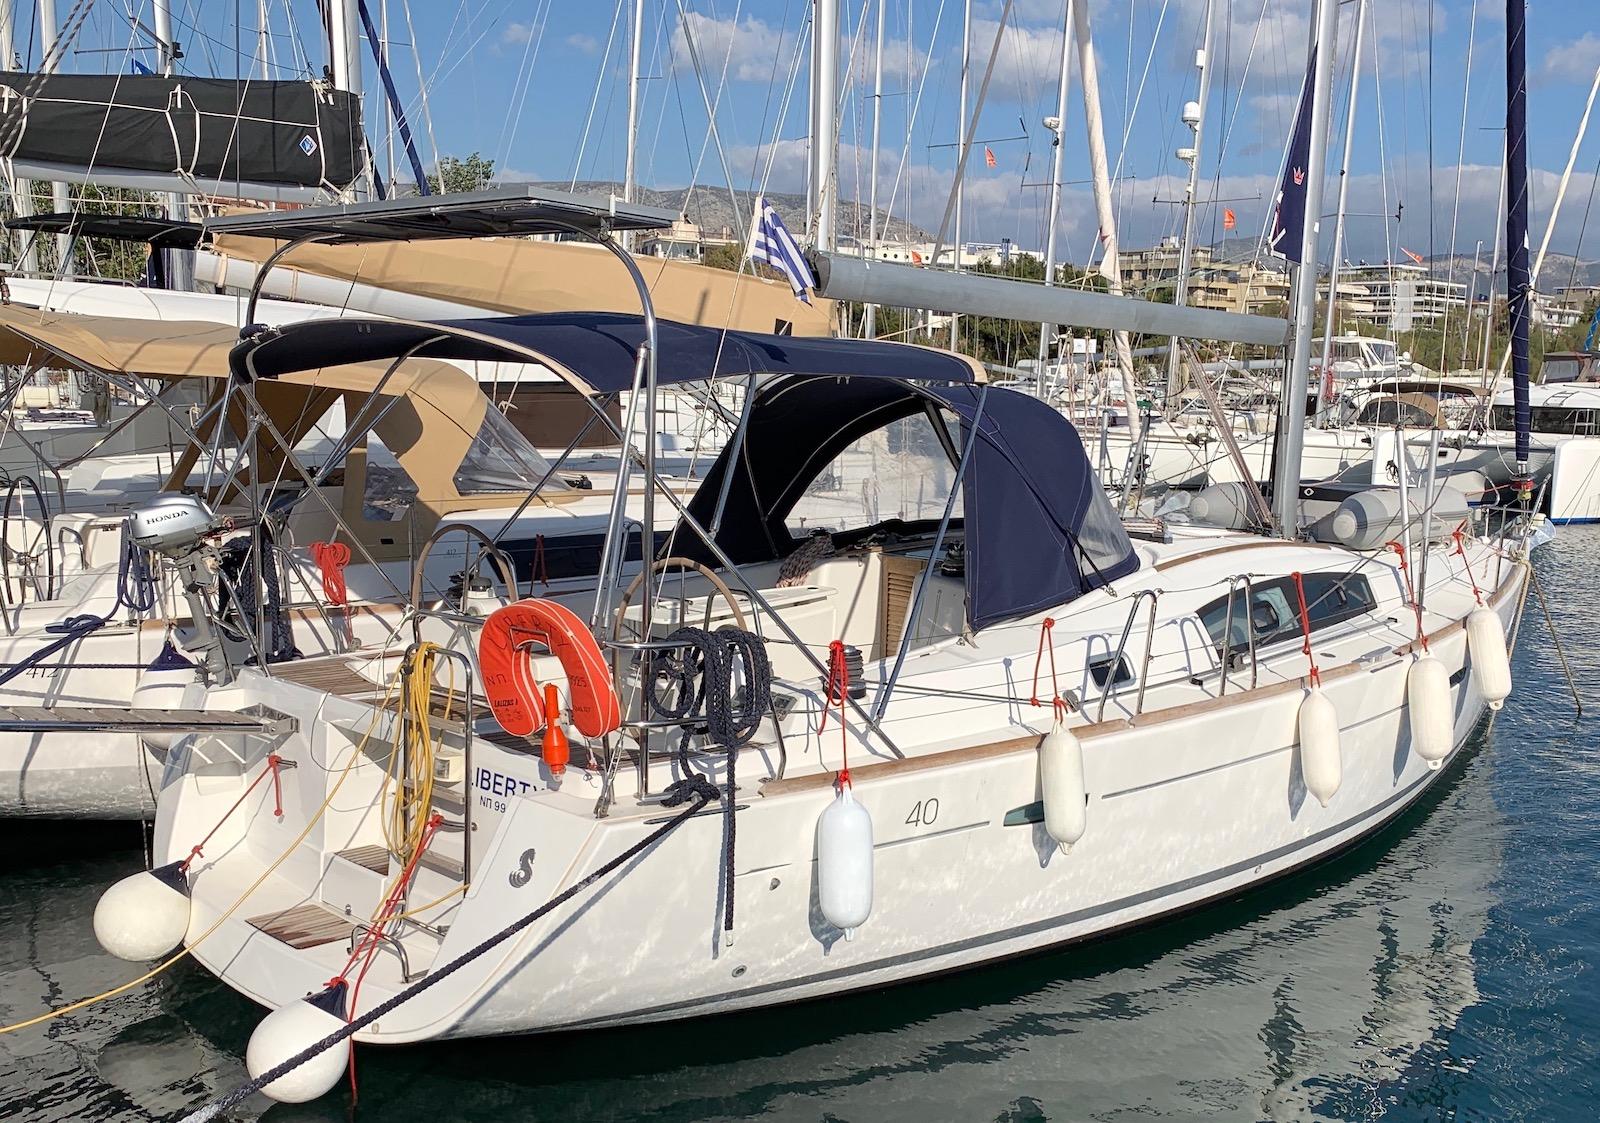 Yacht Liberty